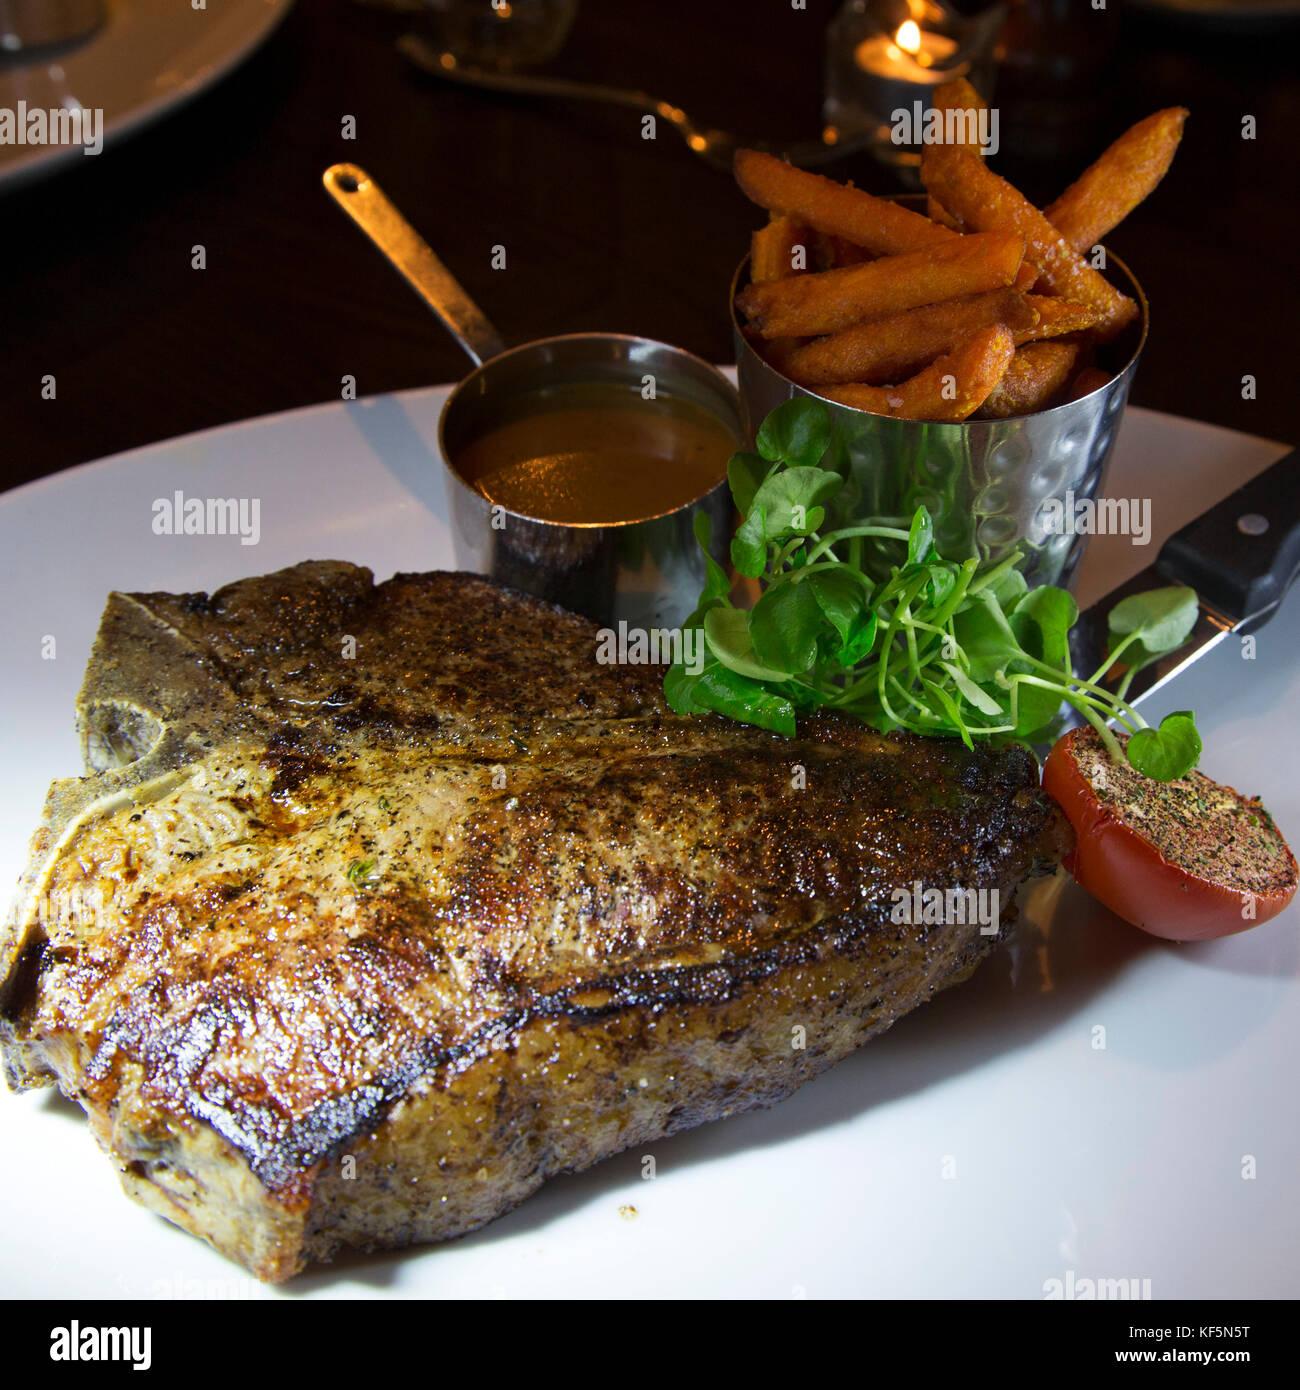 Chuletón de carne de ganado hereford criados británico. El plato es servido con una salsa de pimienta Imagen De Stock